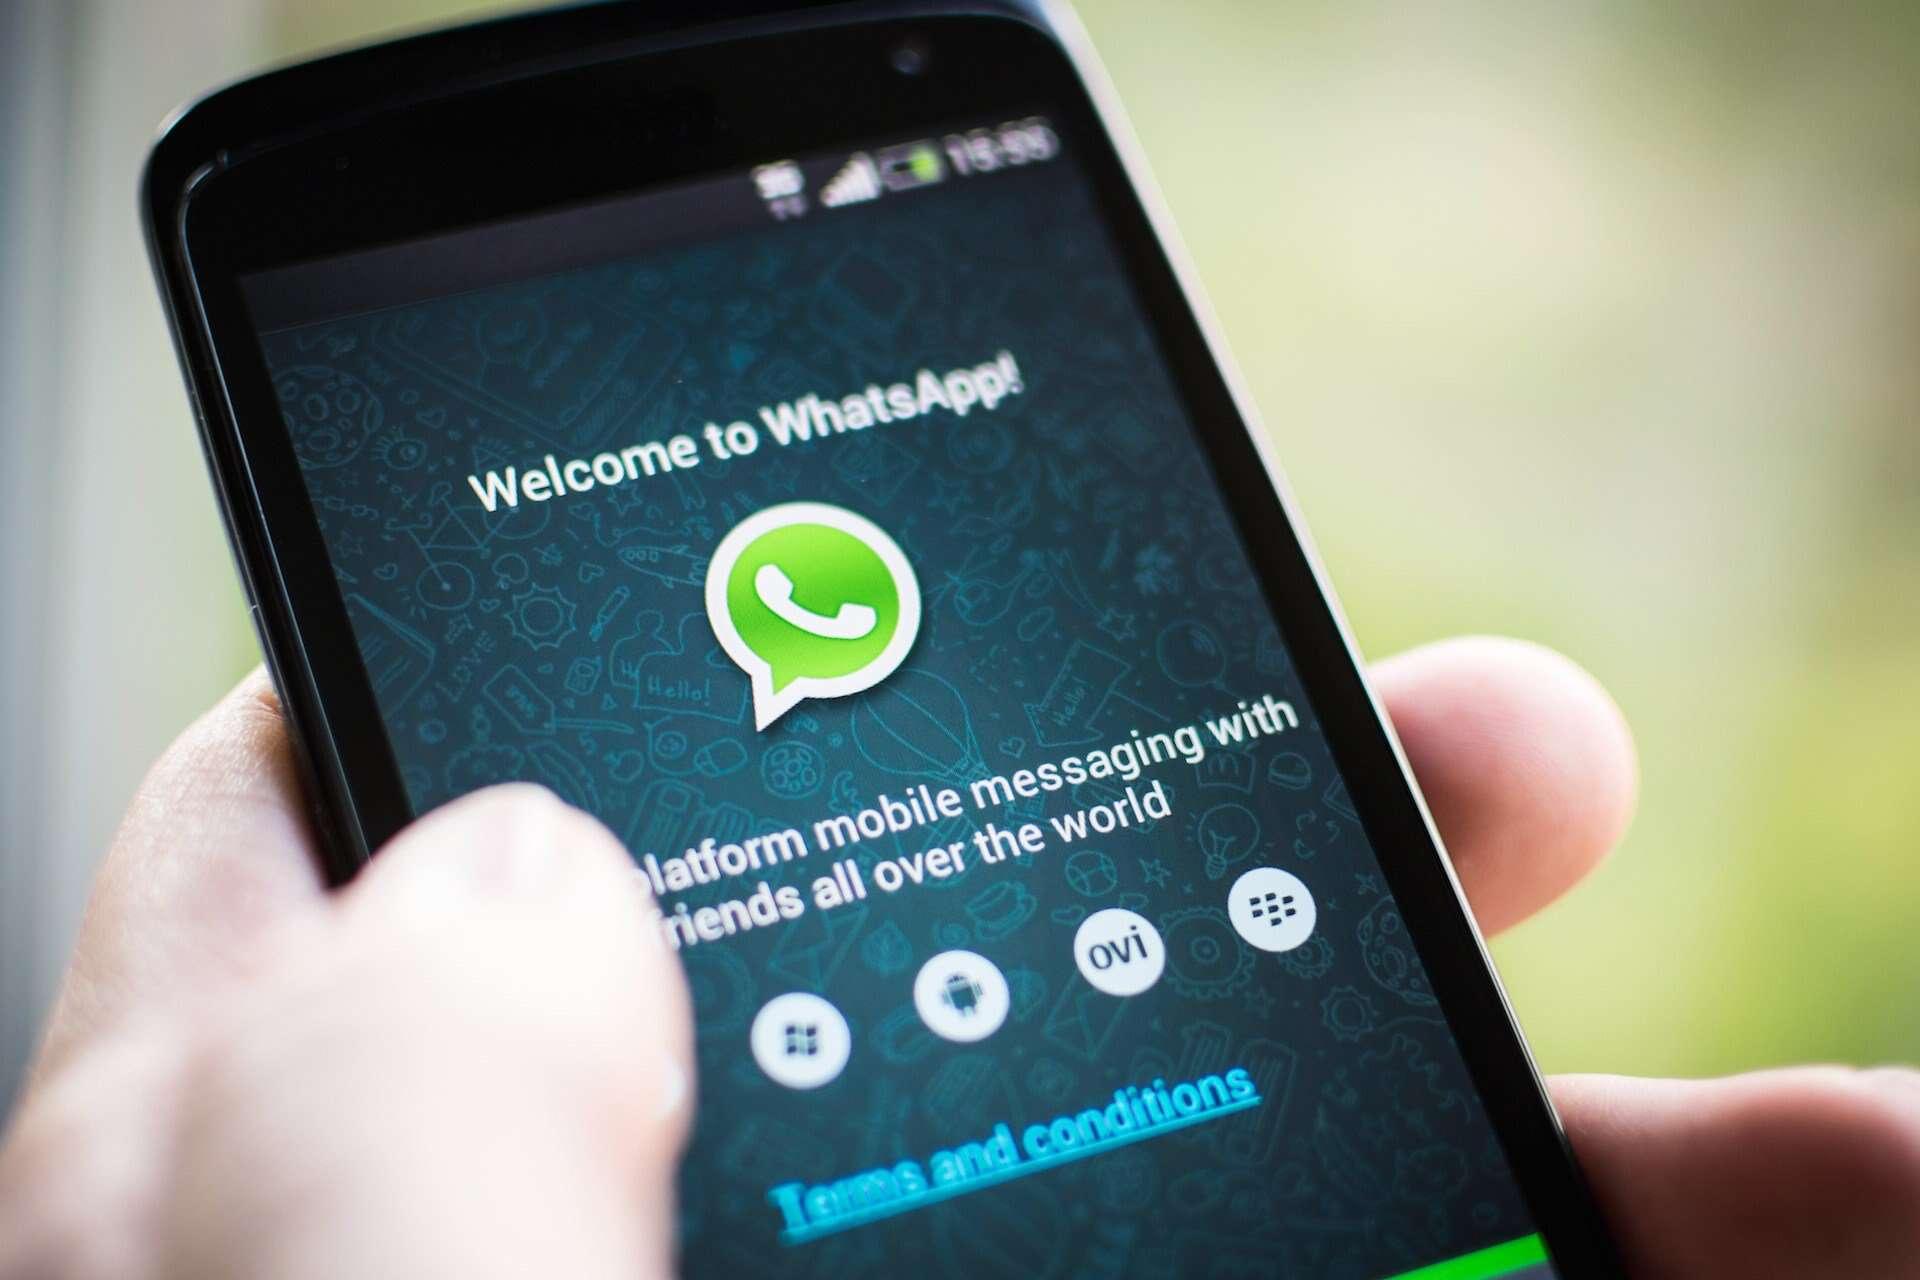 Instituição de ensino brasileira cria curso para ensinar como gerir grupos de WhatsApp